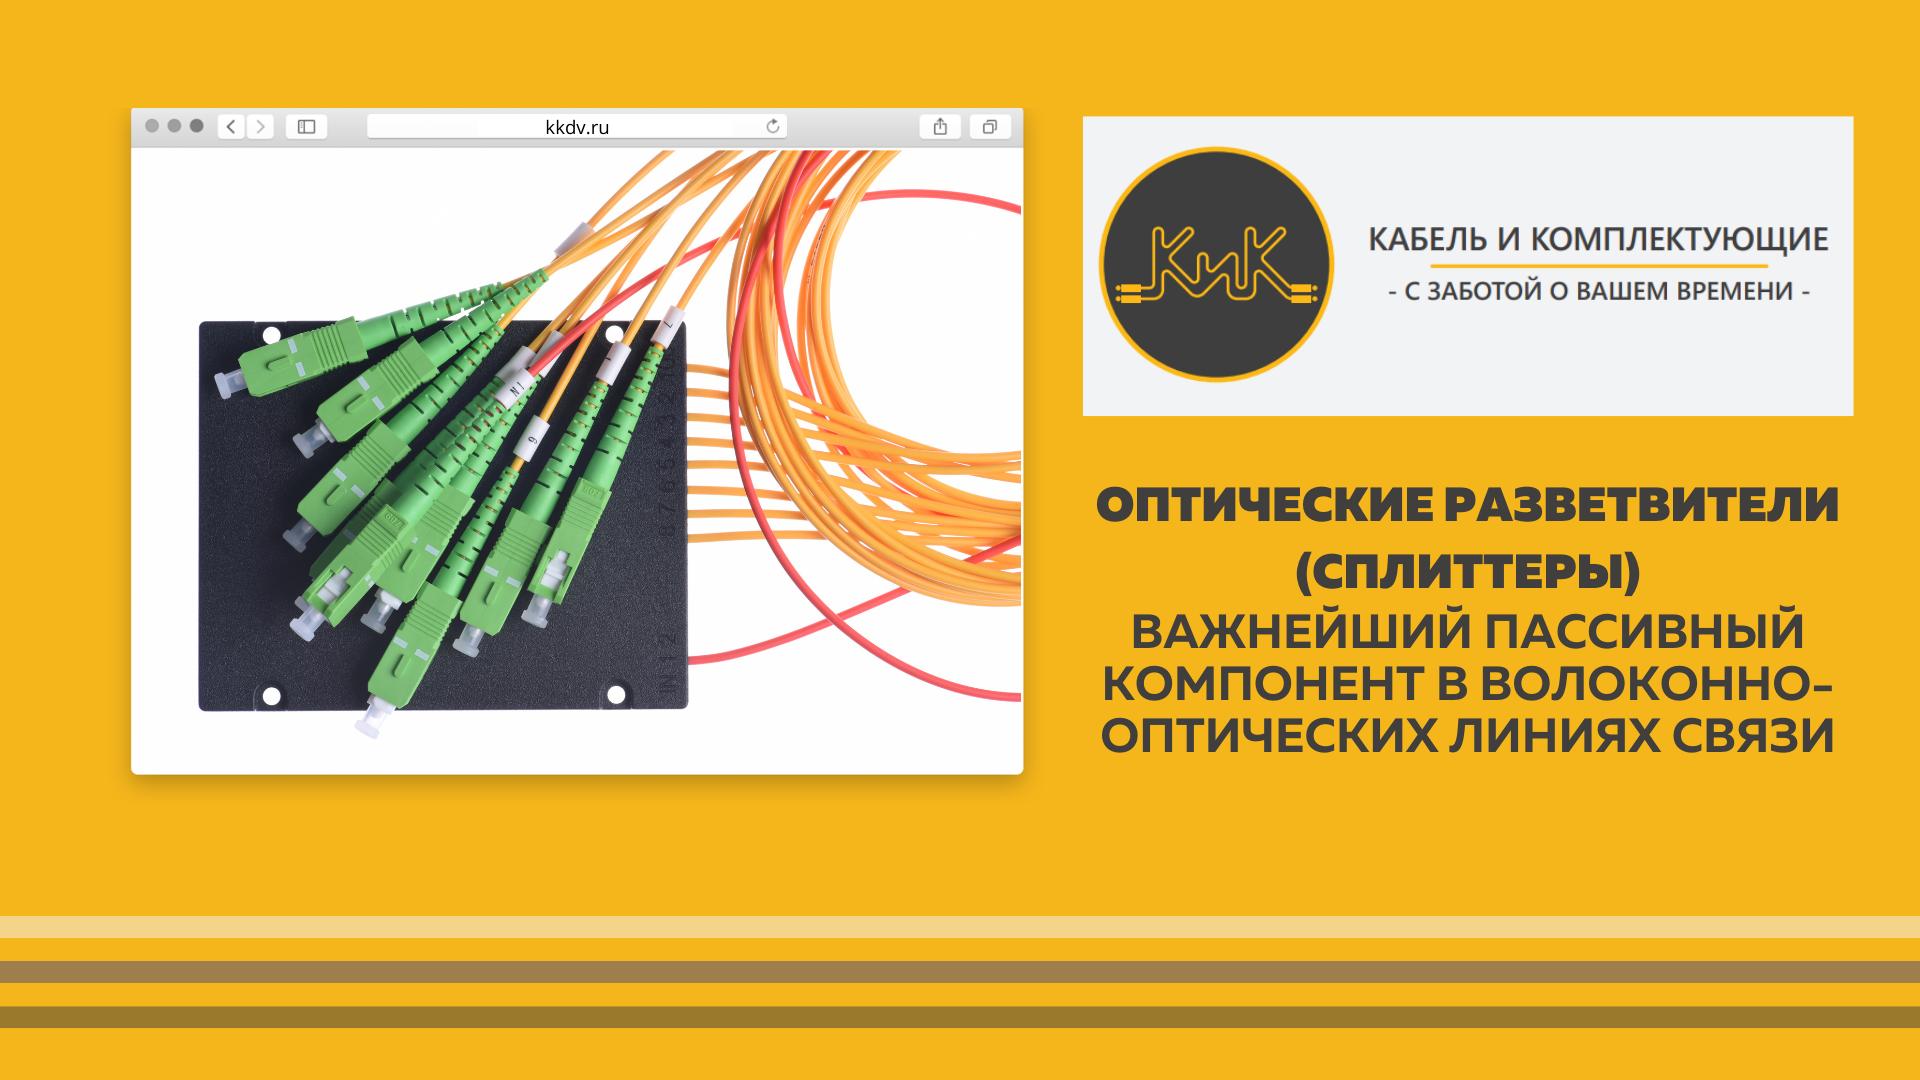 Оптические разветвители (сплиттеры) купить в Хабаровске